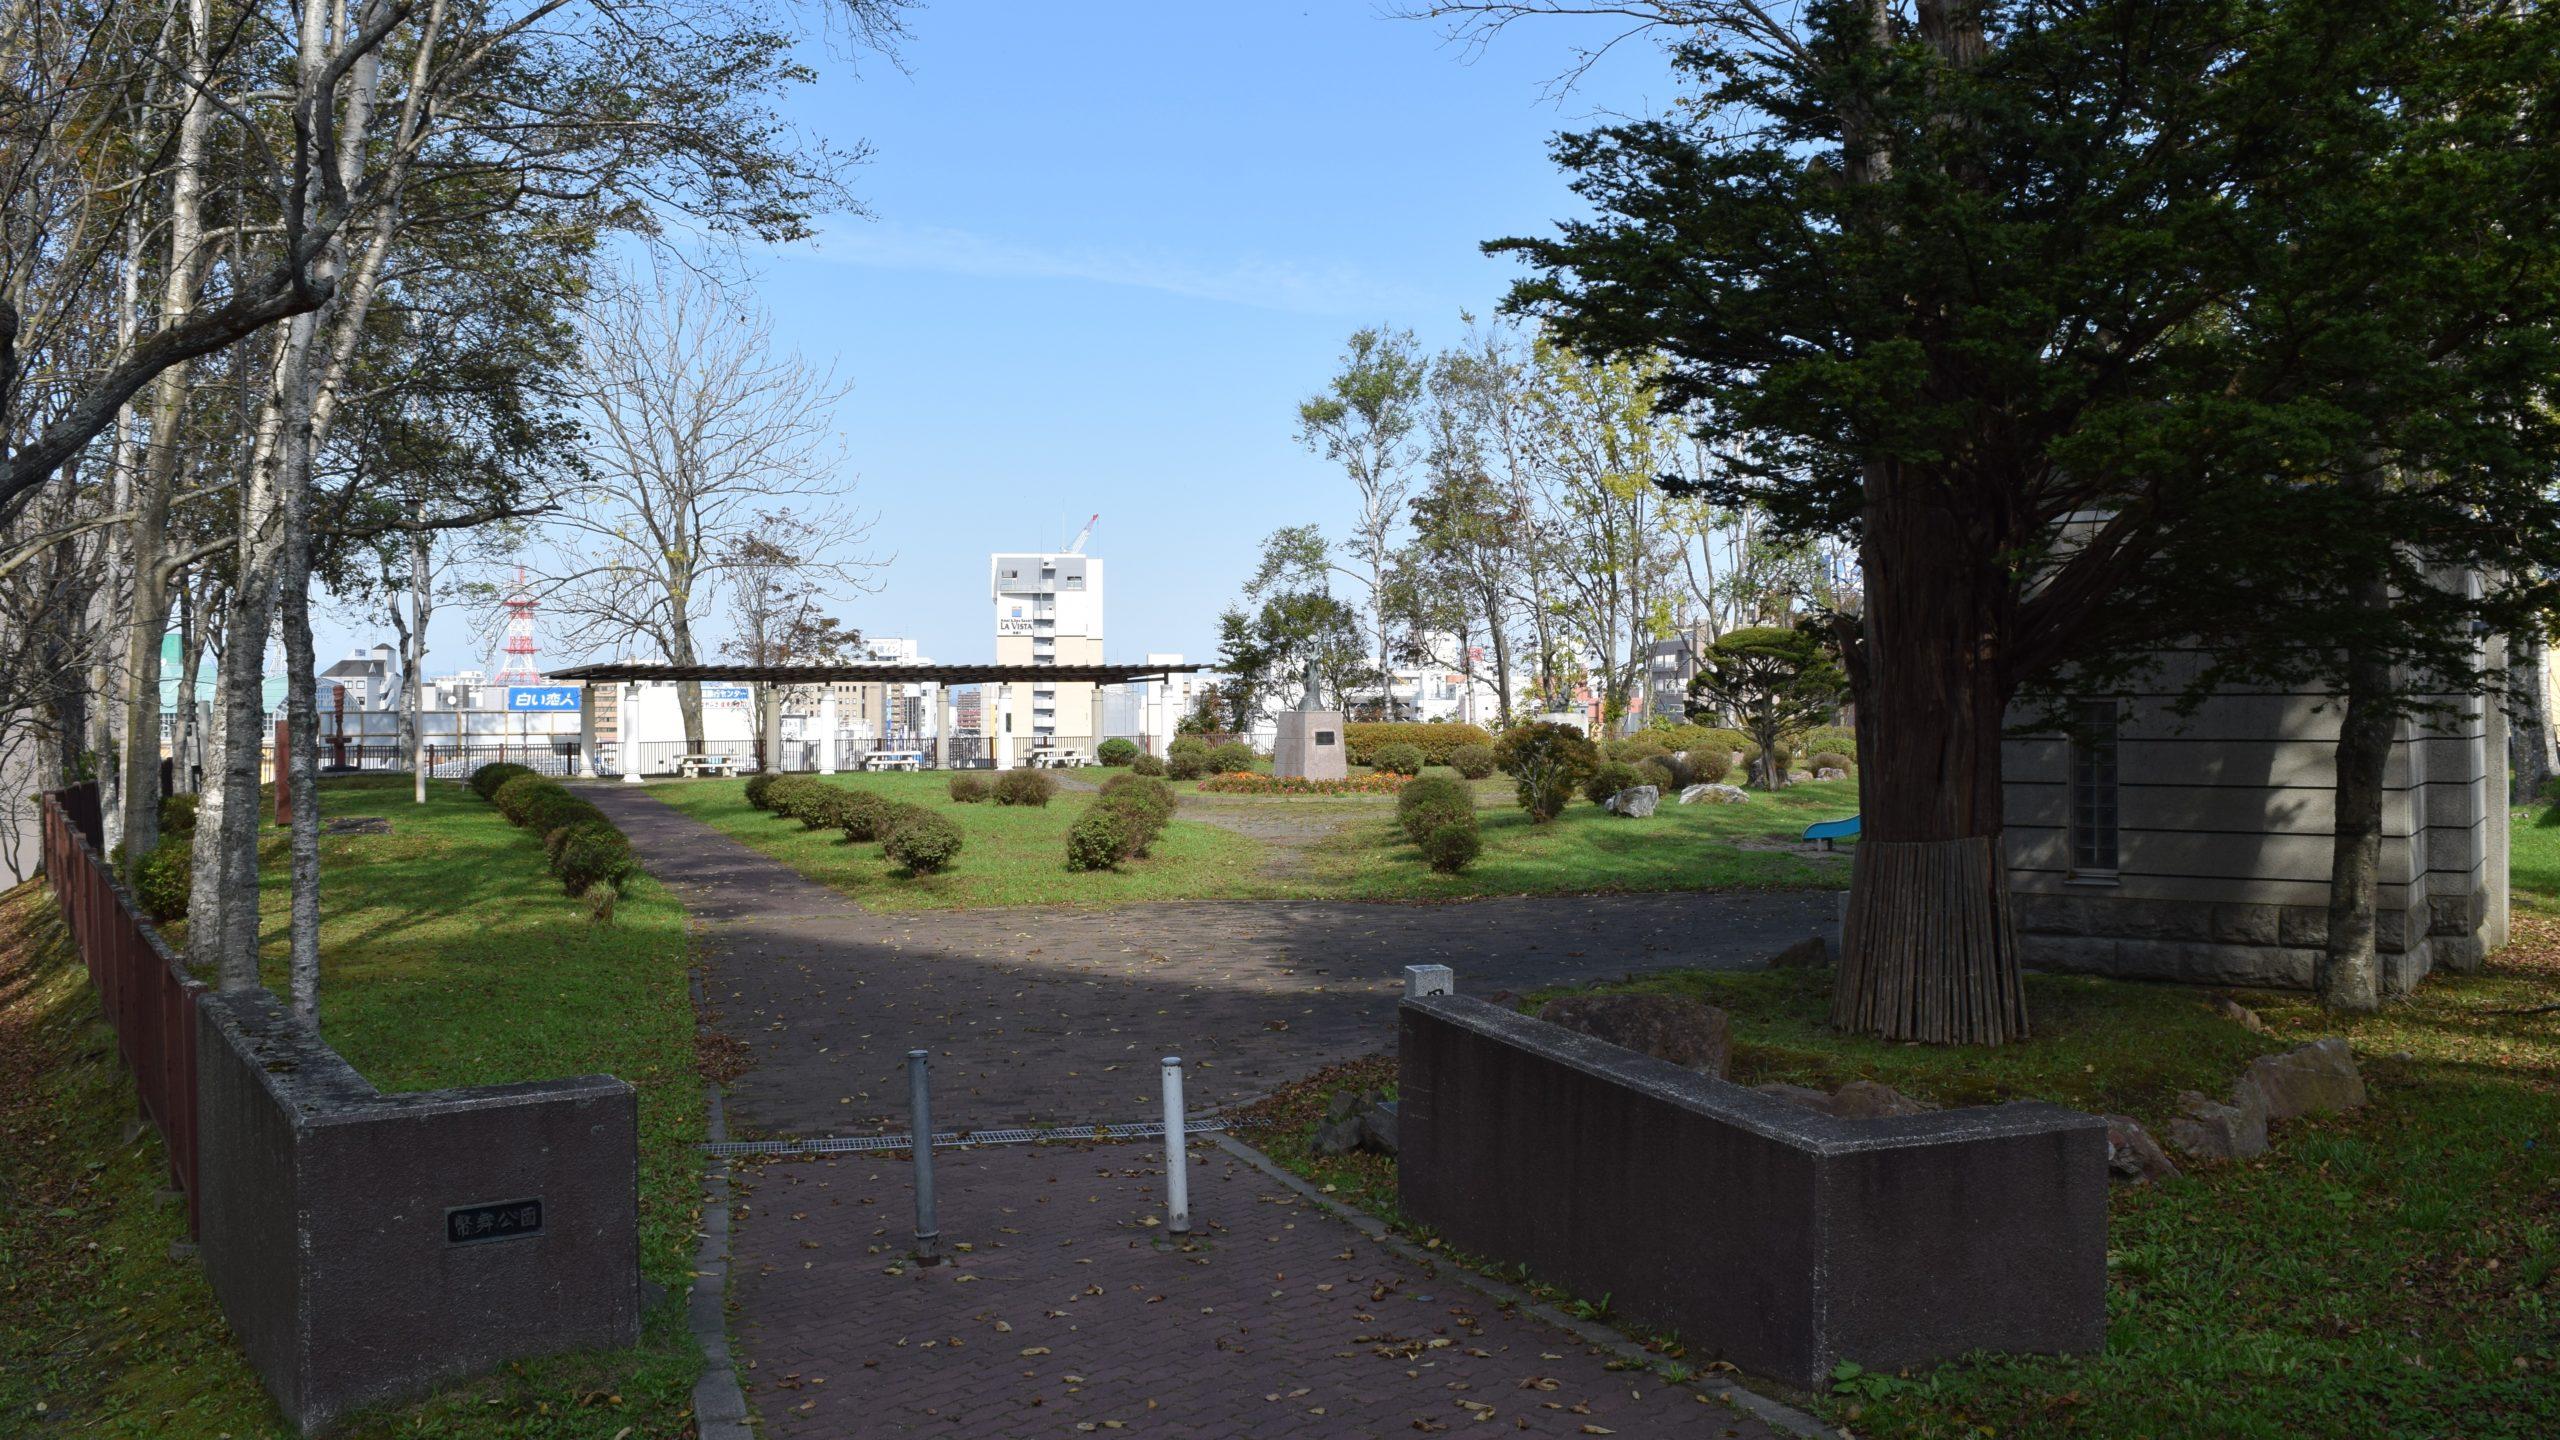 ぬさまい公園(幣舞公園)